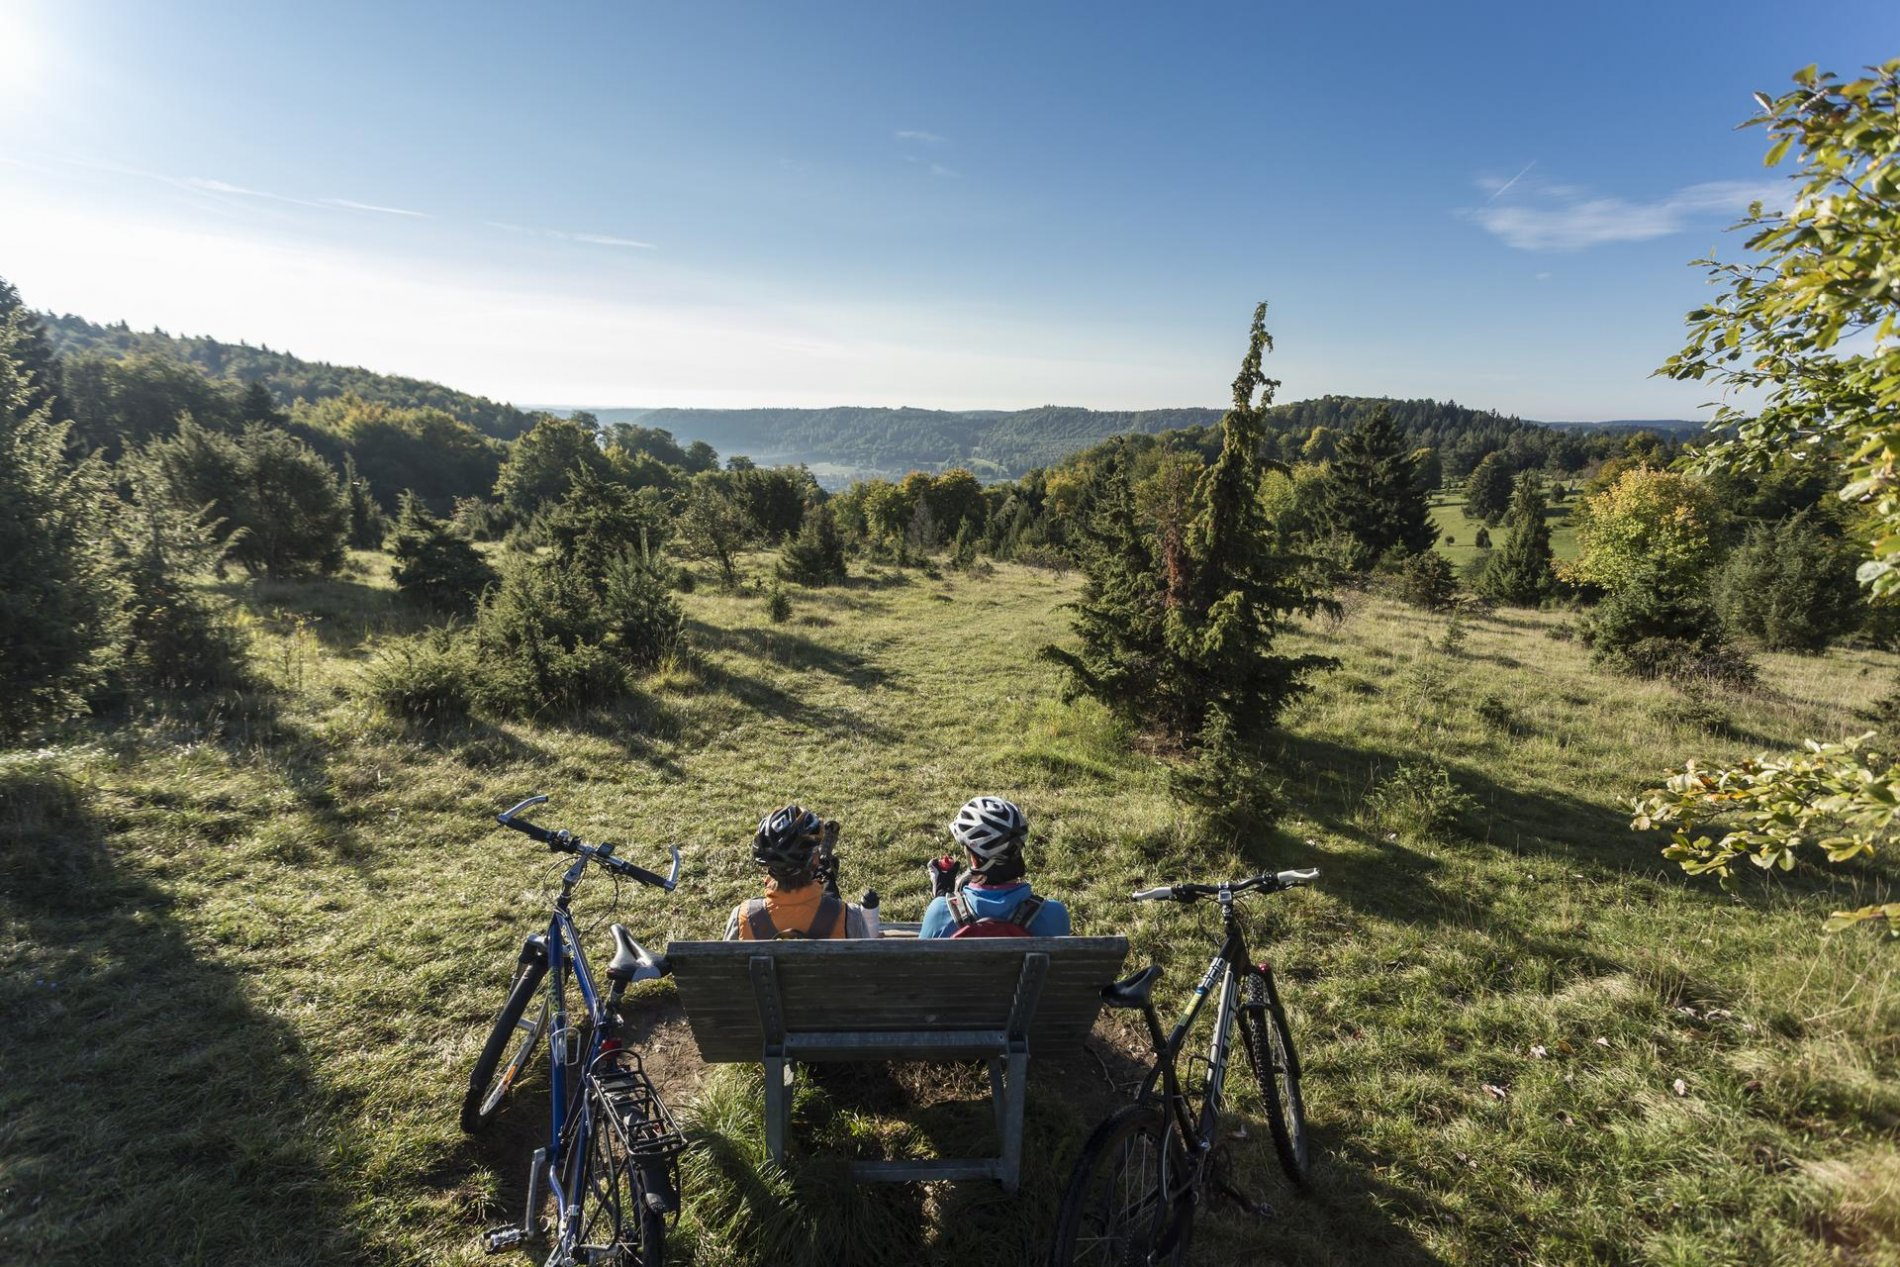 Zwei Radfahrer*innen sitzen auf einer Holzbank und genießen den Ausblick über die weite Alblandschaft mit viel Wald. Neben ihnen stehen zwei Fahrräder. Es ist sonnig, aber frisch.